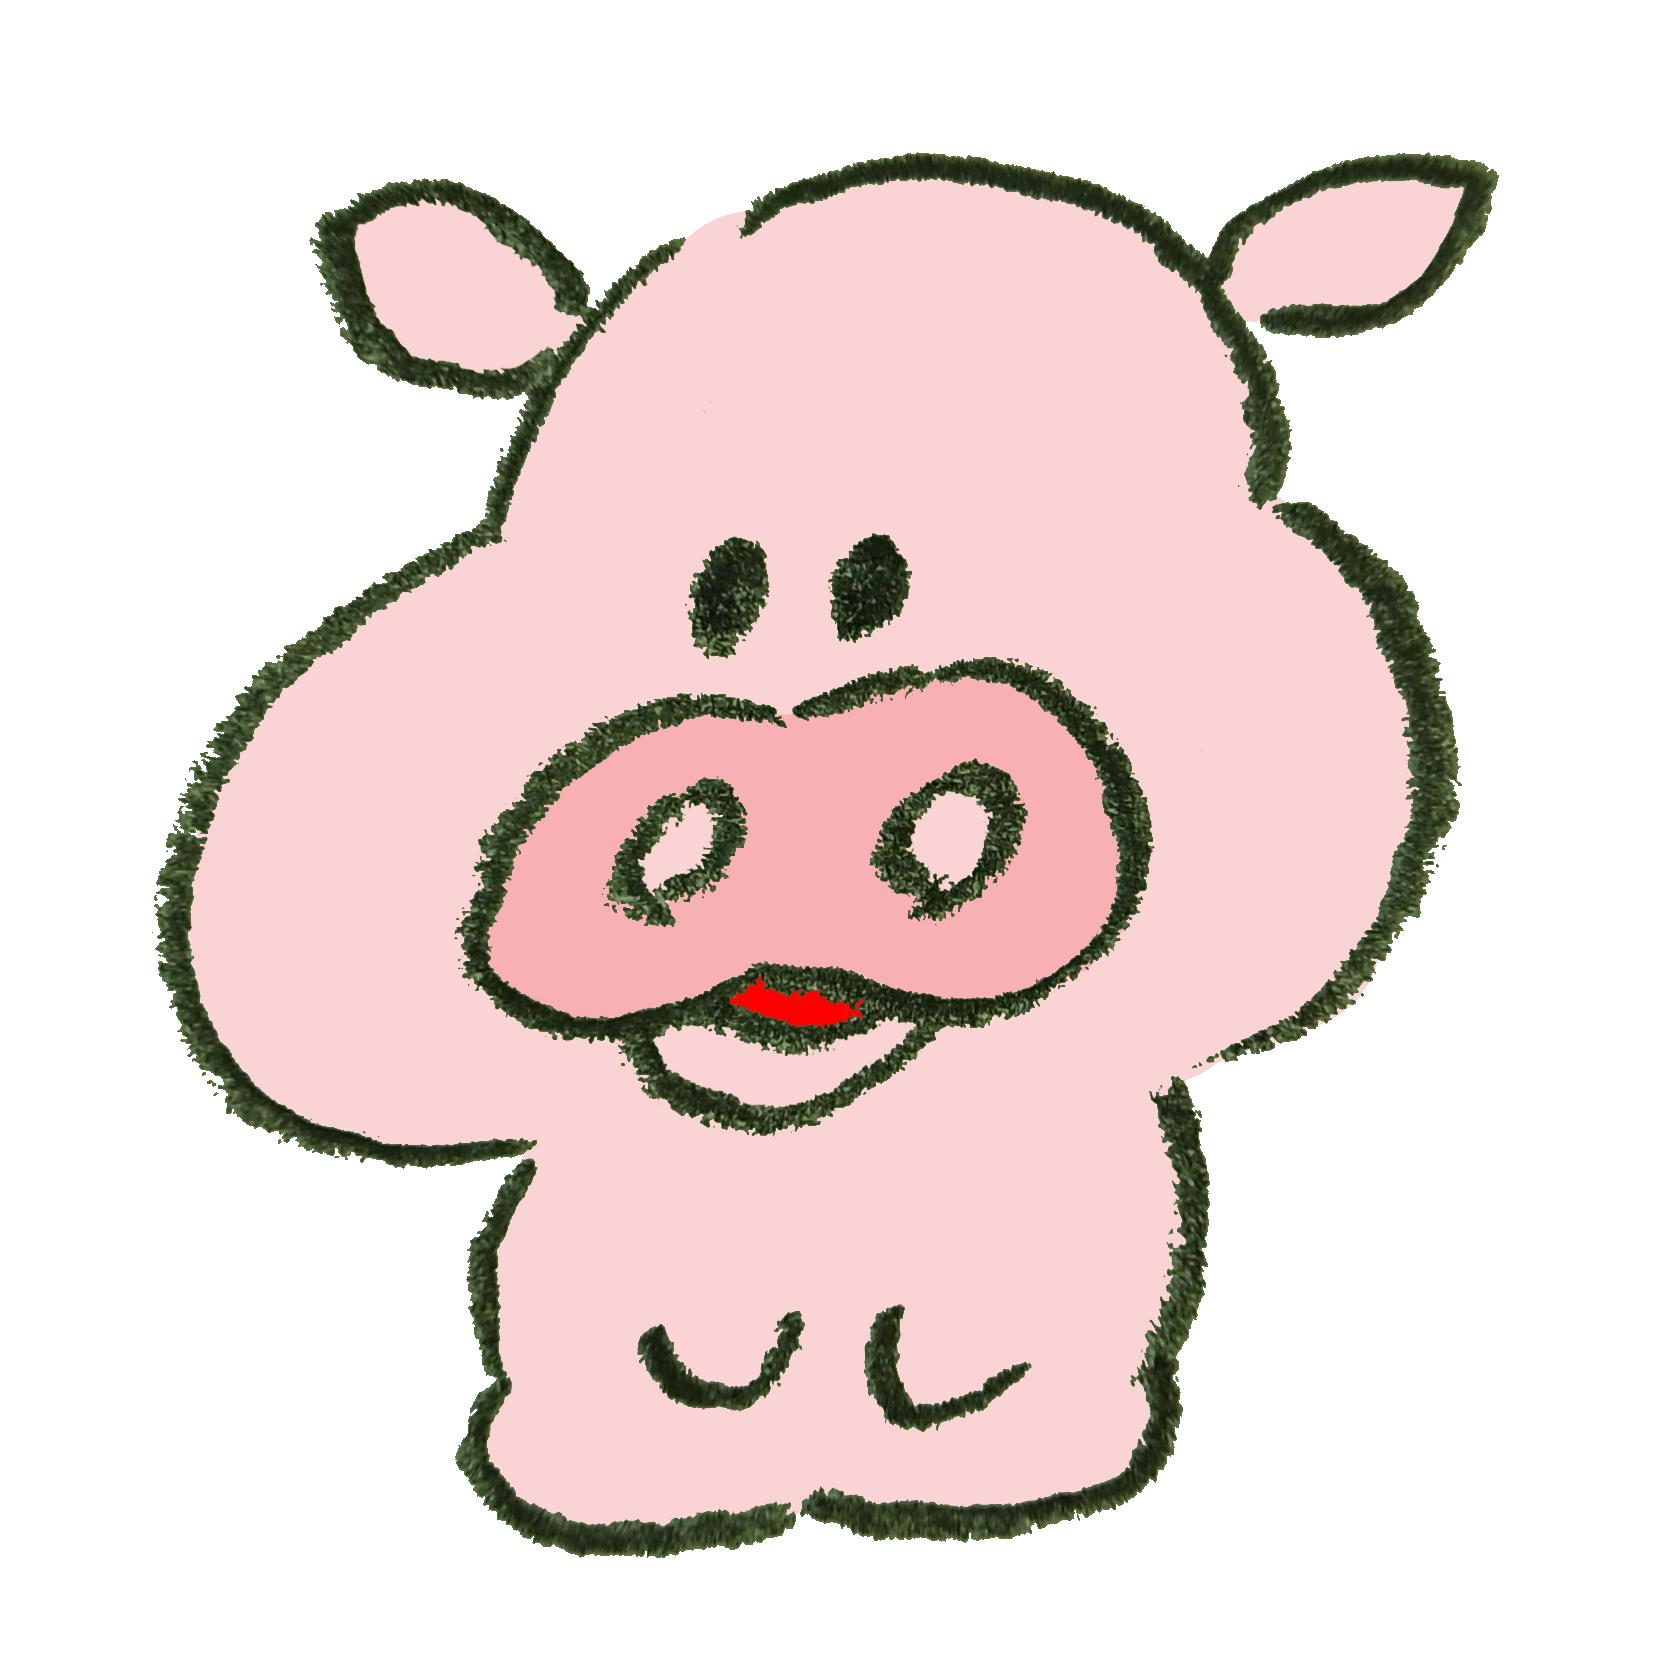 正座で待機する豚のイラスト ゆるくてかわいい無料イラスト素材屋